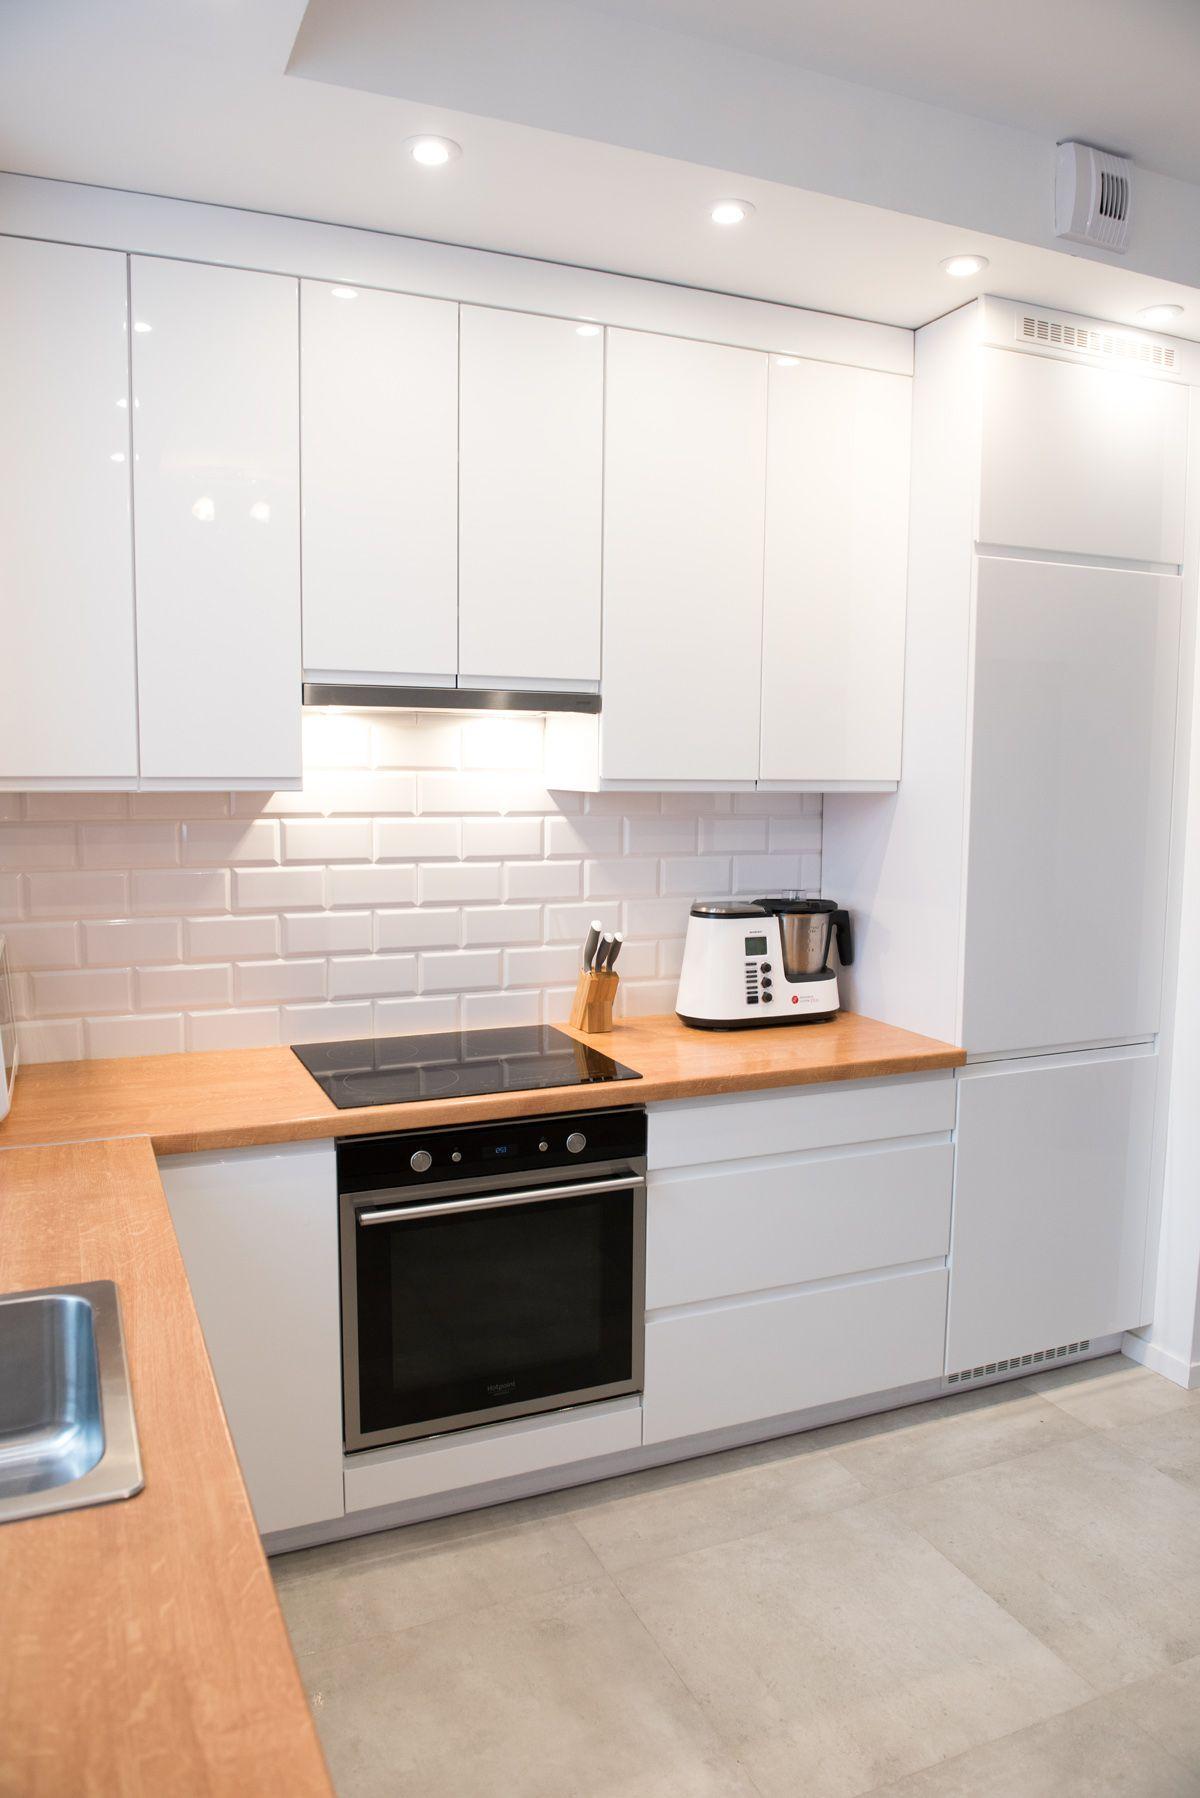 Meble Kuchenne Kuchnie Zabki Marki Warszawa Okolic 8510258641 Oficjalne Archiwum Allegro Kitchen Room Design Minimalist Kitchen Cabinets White Kitchen Renovation